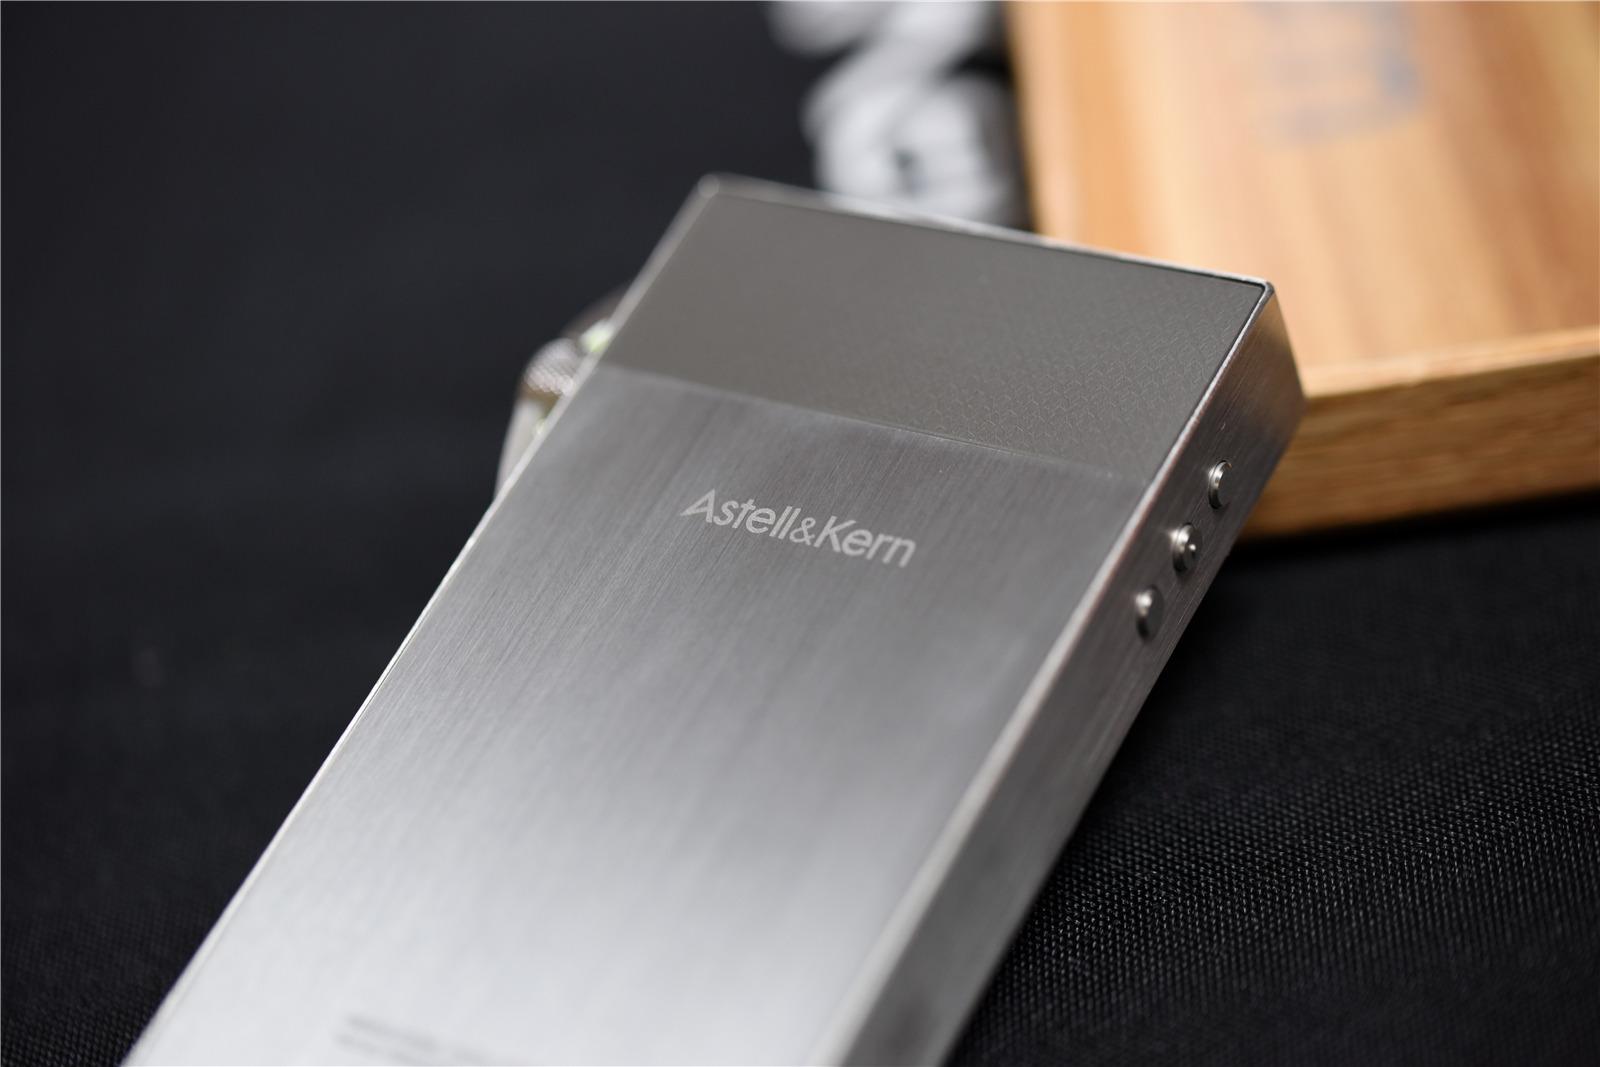 经典再现却不到万元,简评艾利和的Astell&Kern SA700播放器